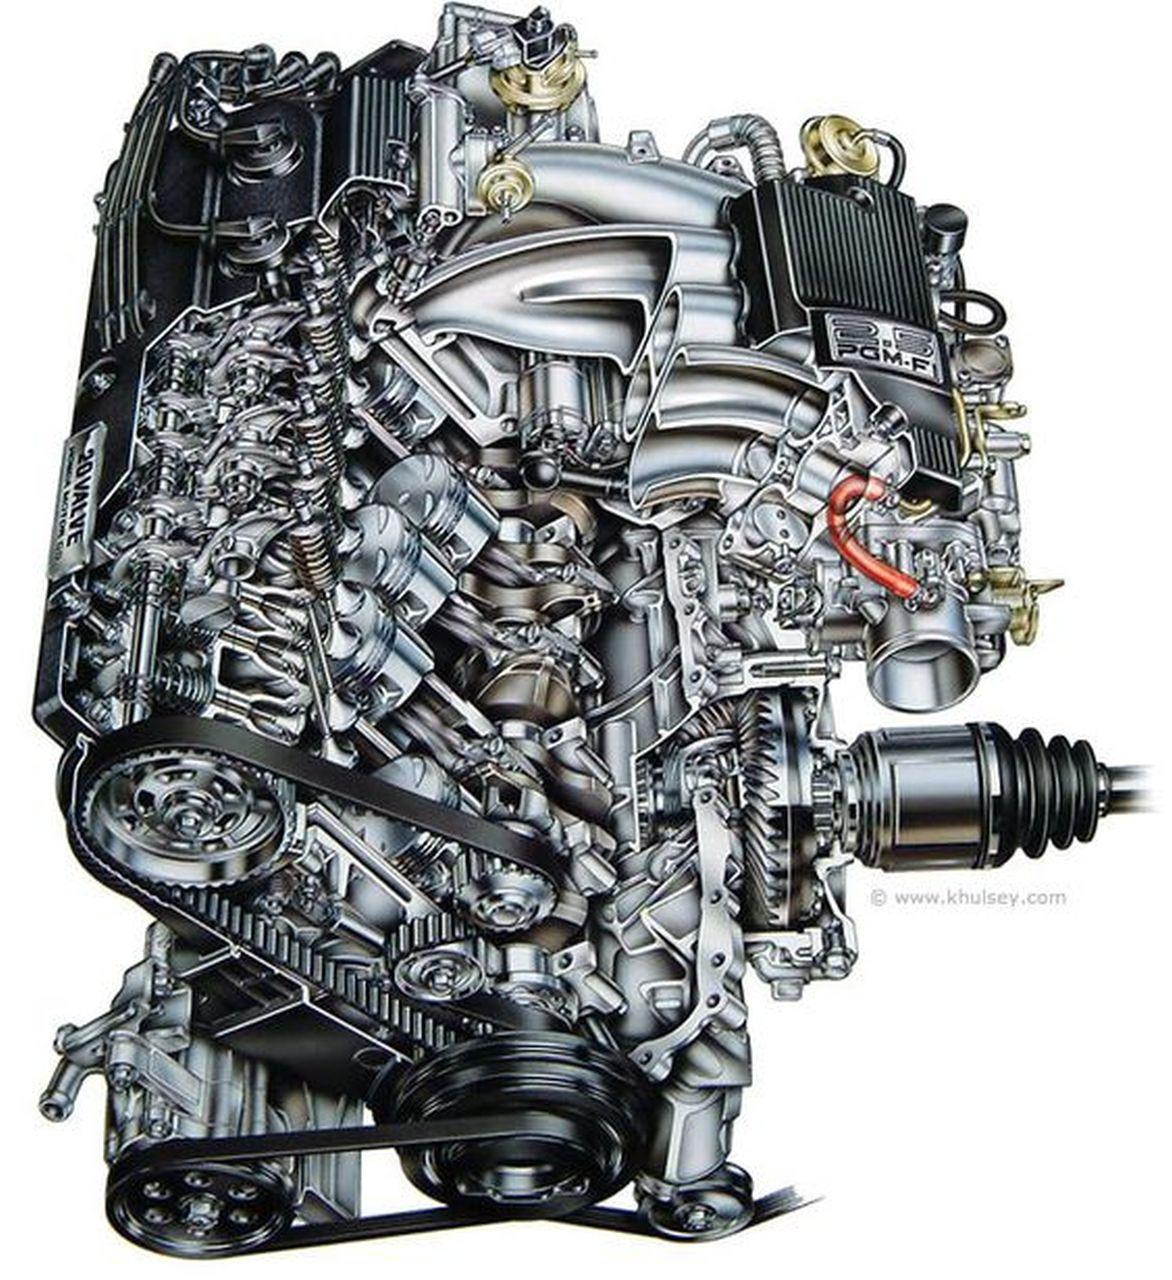 Honda / Acura Vigor GS 2.5L de 1994 - 5 cylindres dans une Honda ! 5